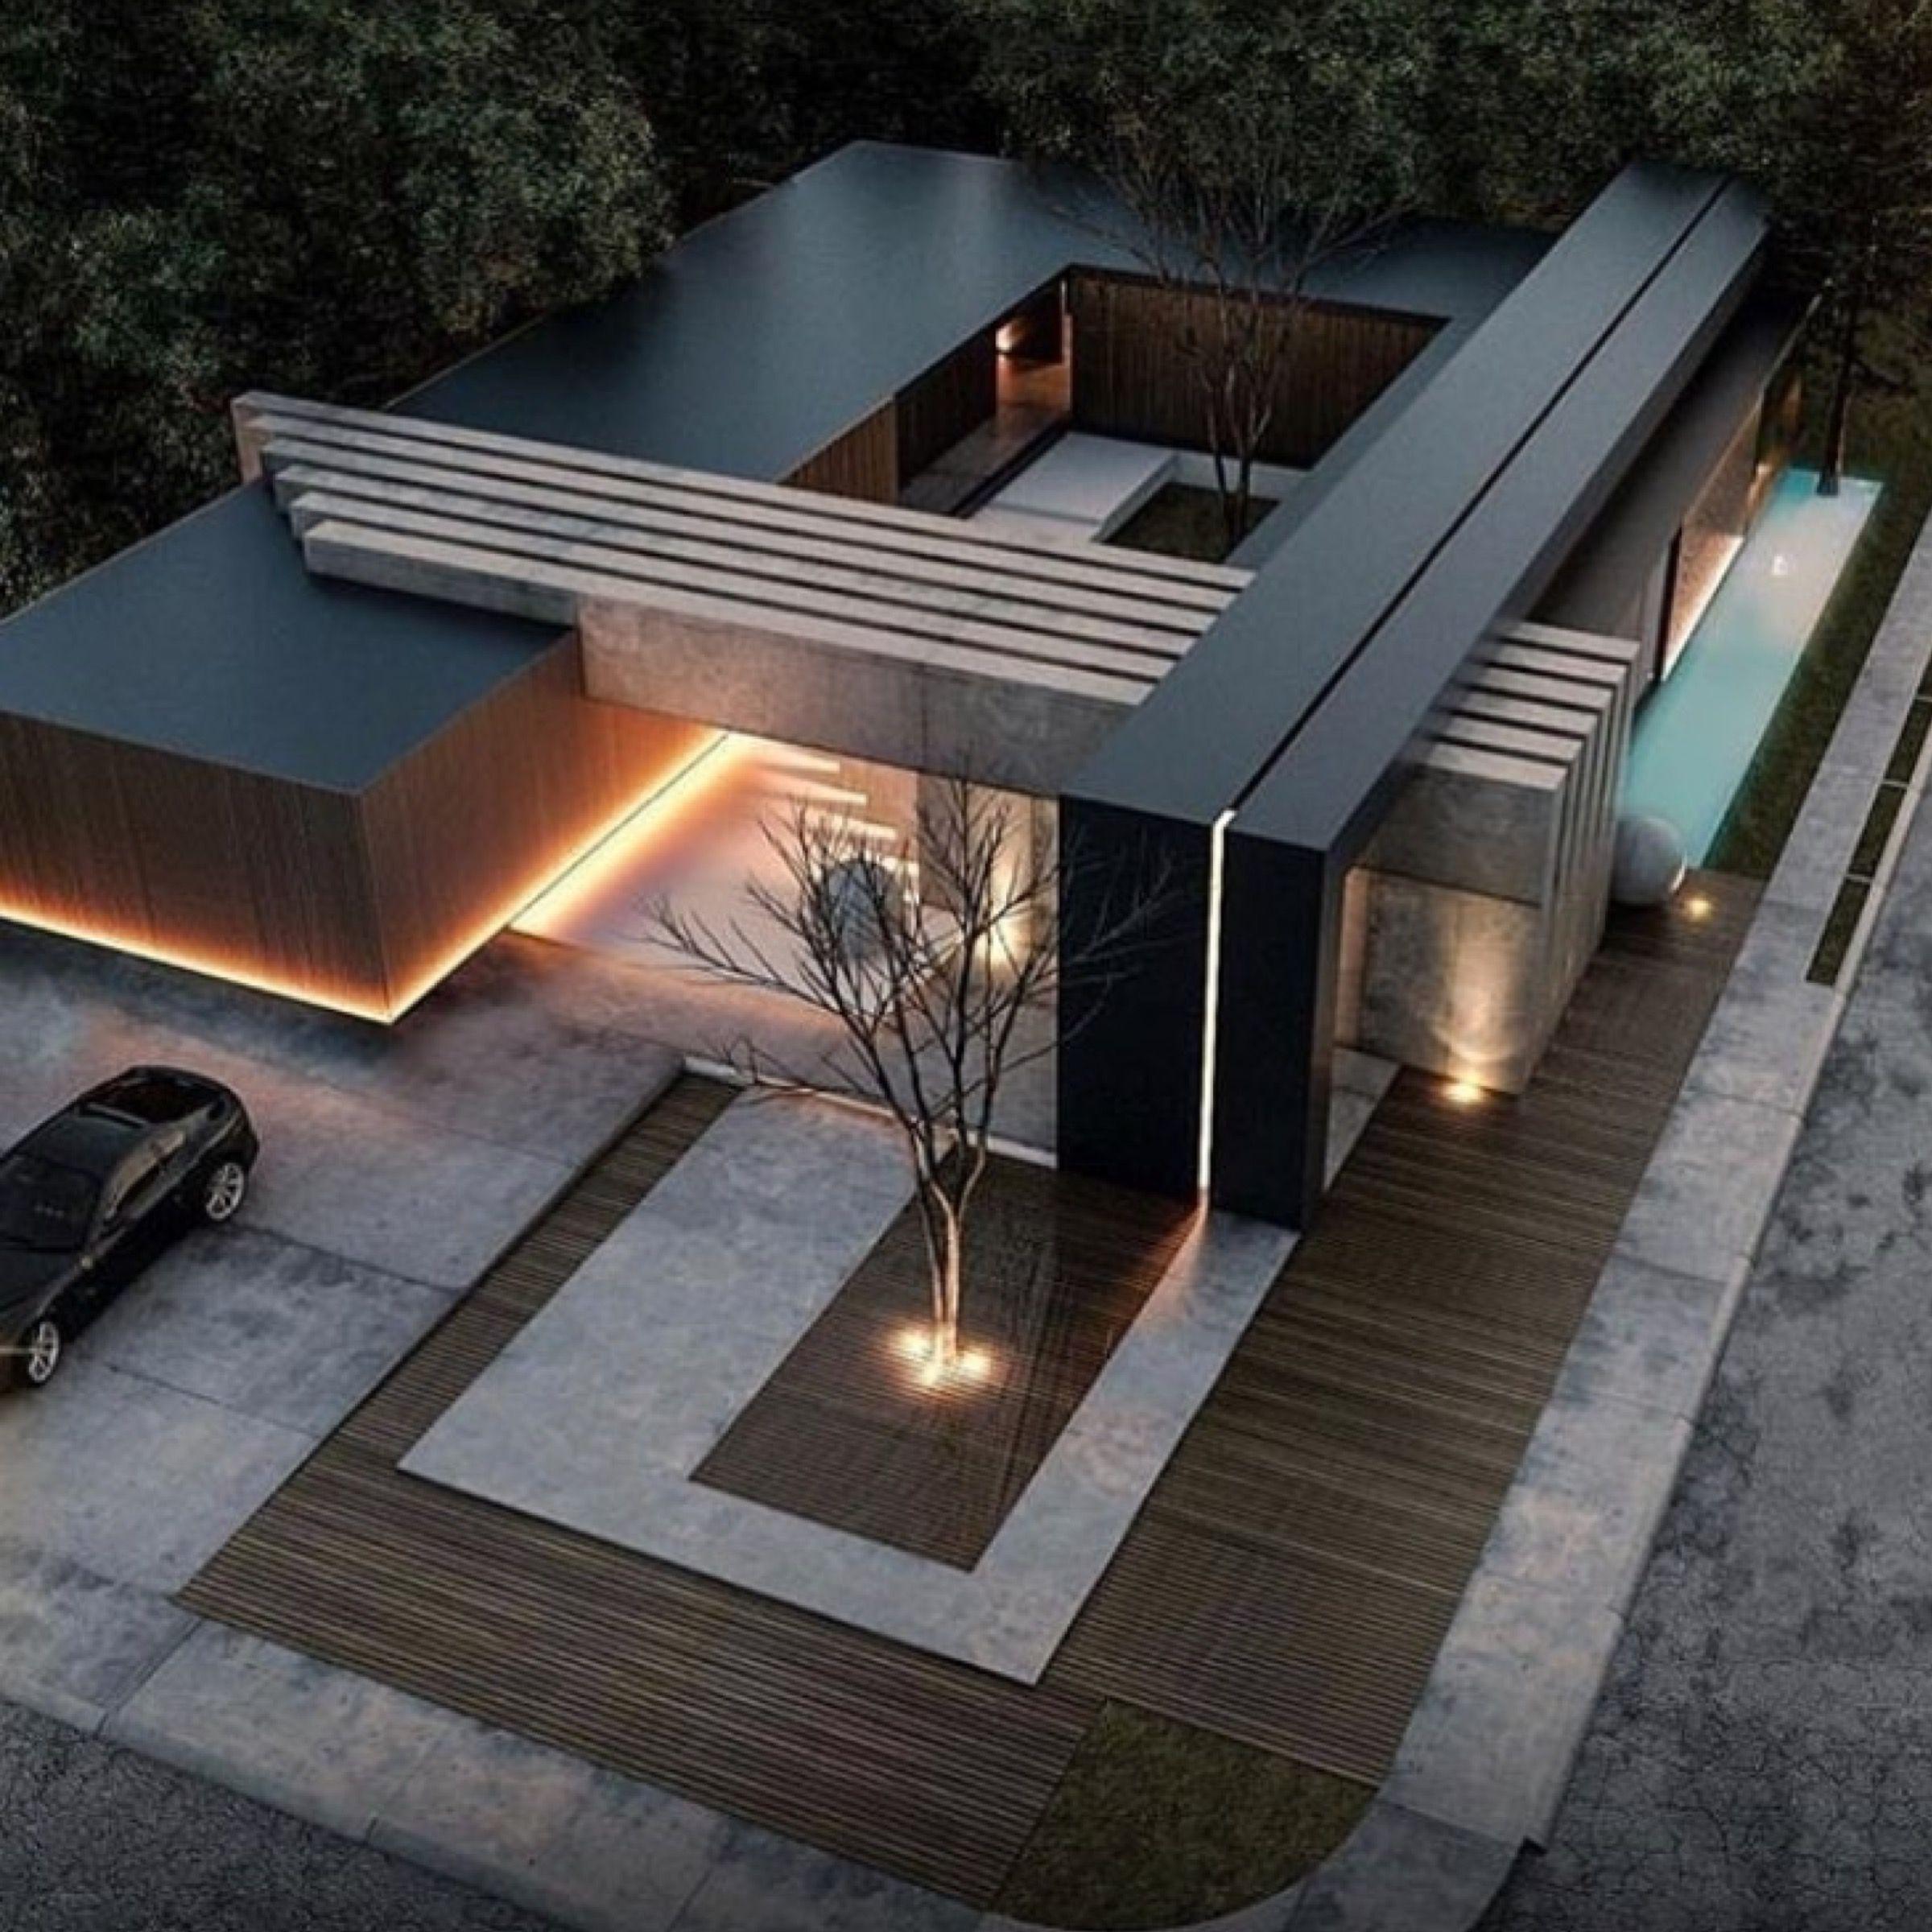 Pin von Marco López Teuvala auf BUILDING | Pinterest | Architektur ...